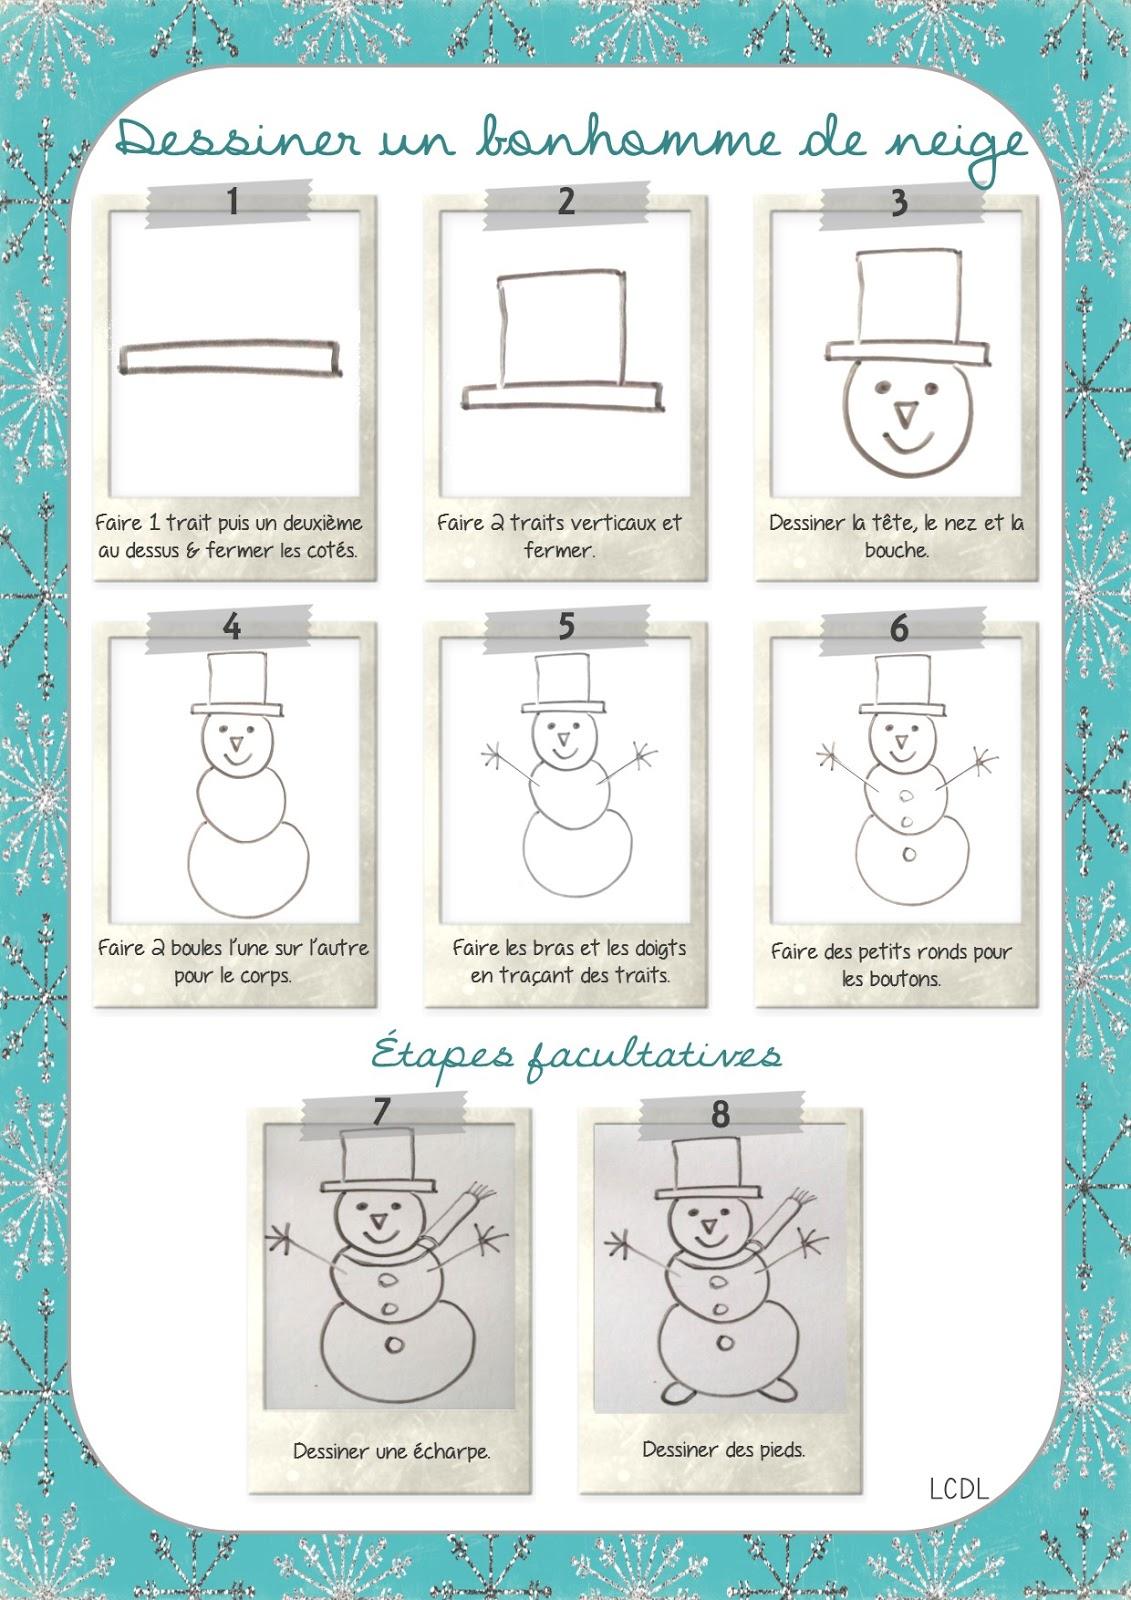 La maternelle de laur ne dessiner un bonhomme de neige - Pinterest bonhomme de neige ...